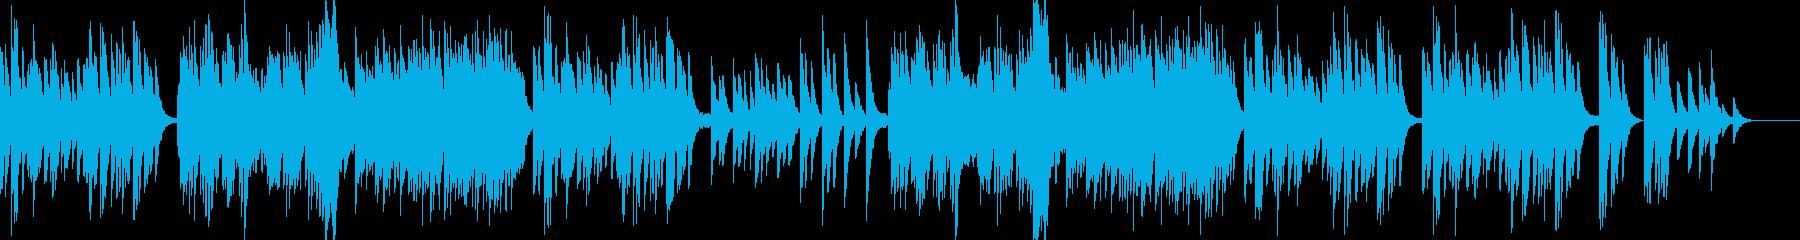 夢のなかにいるような儚く美しいエレピの曲の再生済みの波形